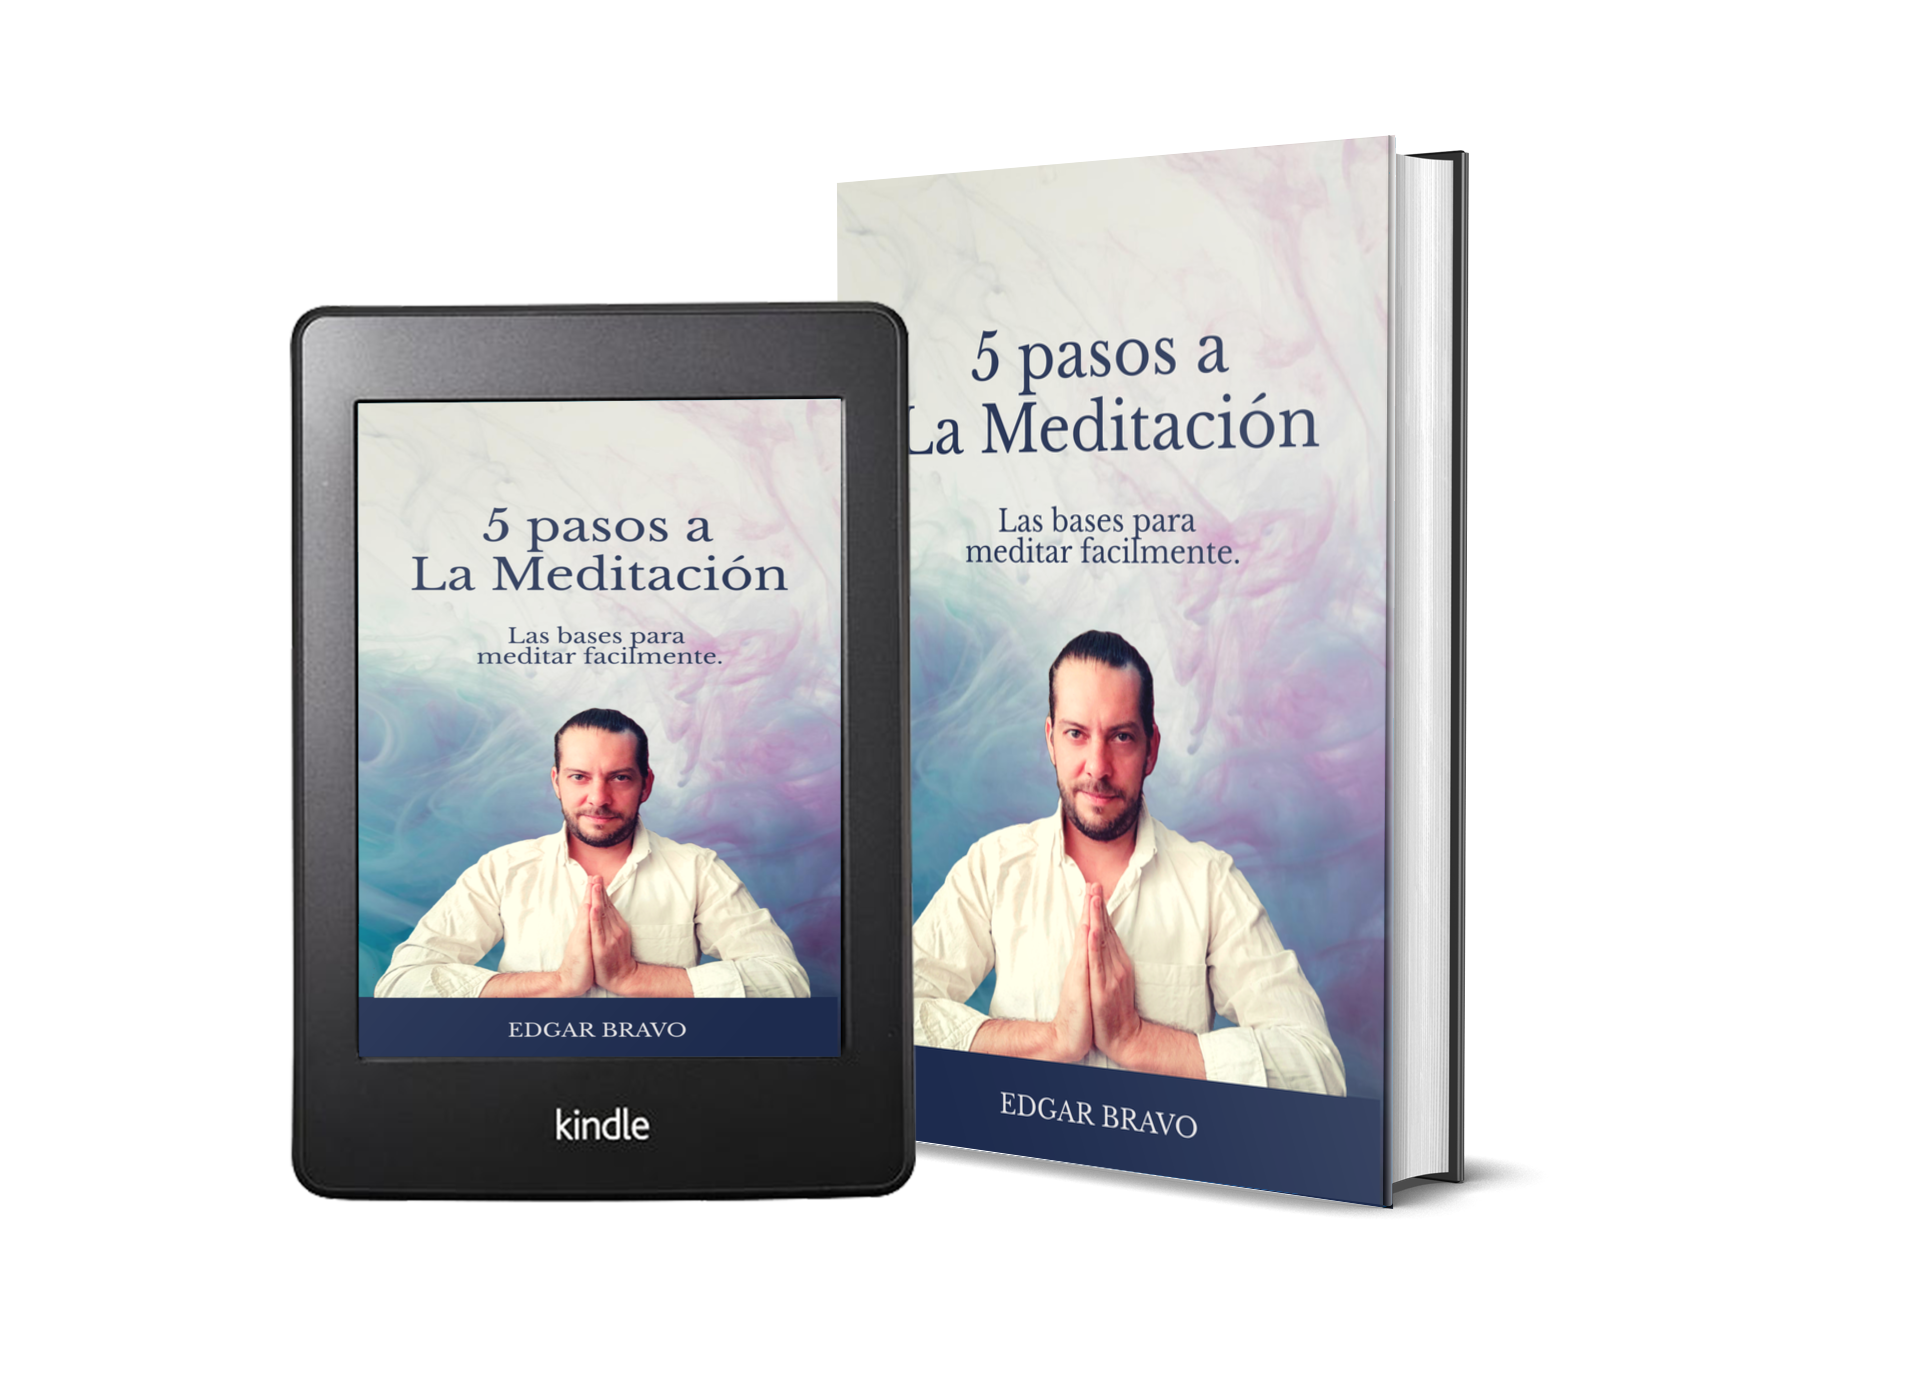 5 pasos a la meditación libro gratis con Edy Bravo